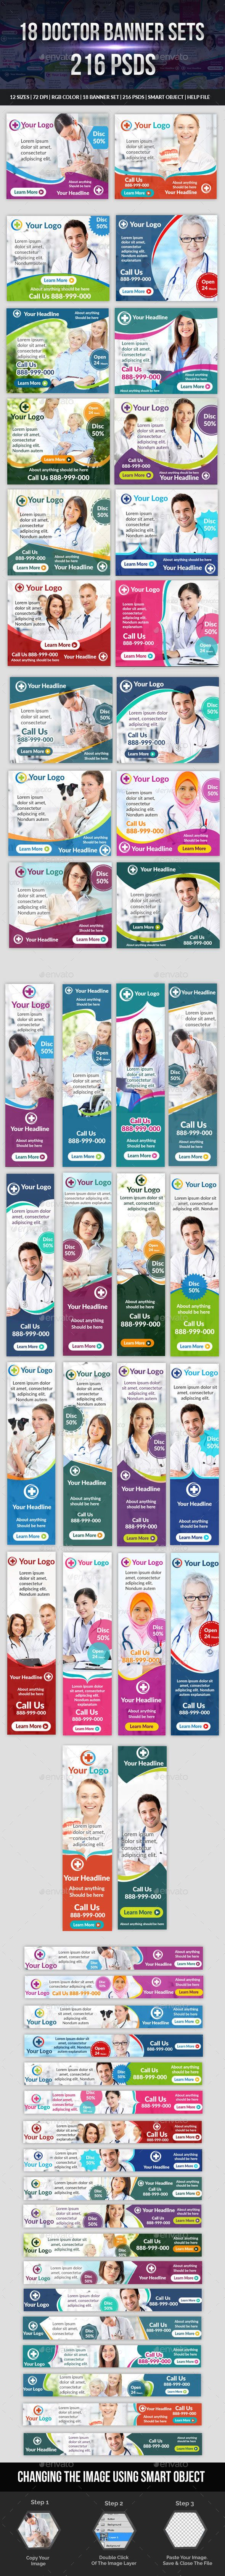 18 Doctor Banner Sets Templates PSD. Download here: https://graphicriver.net/item/18-doctor-banner-sets/17415425?ref=ksioks